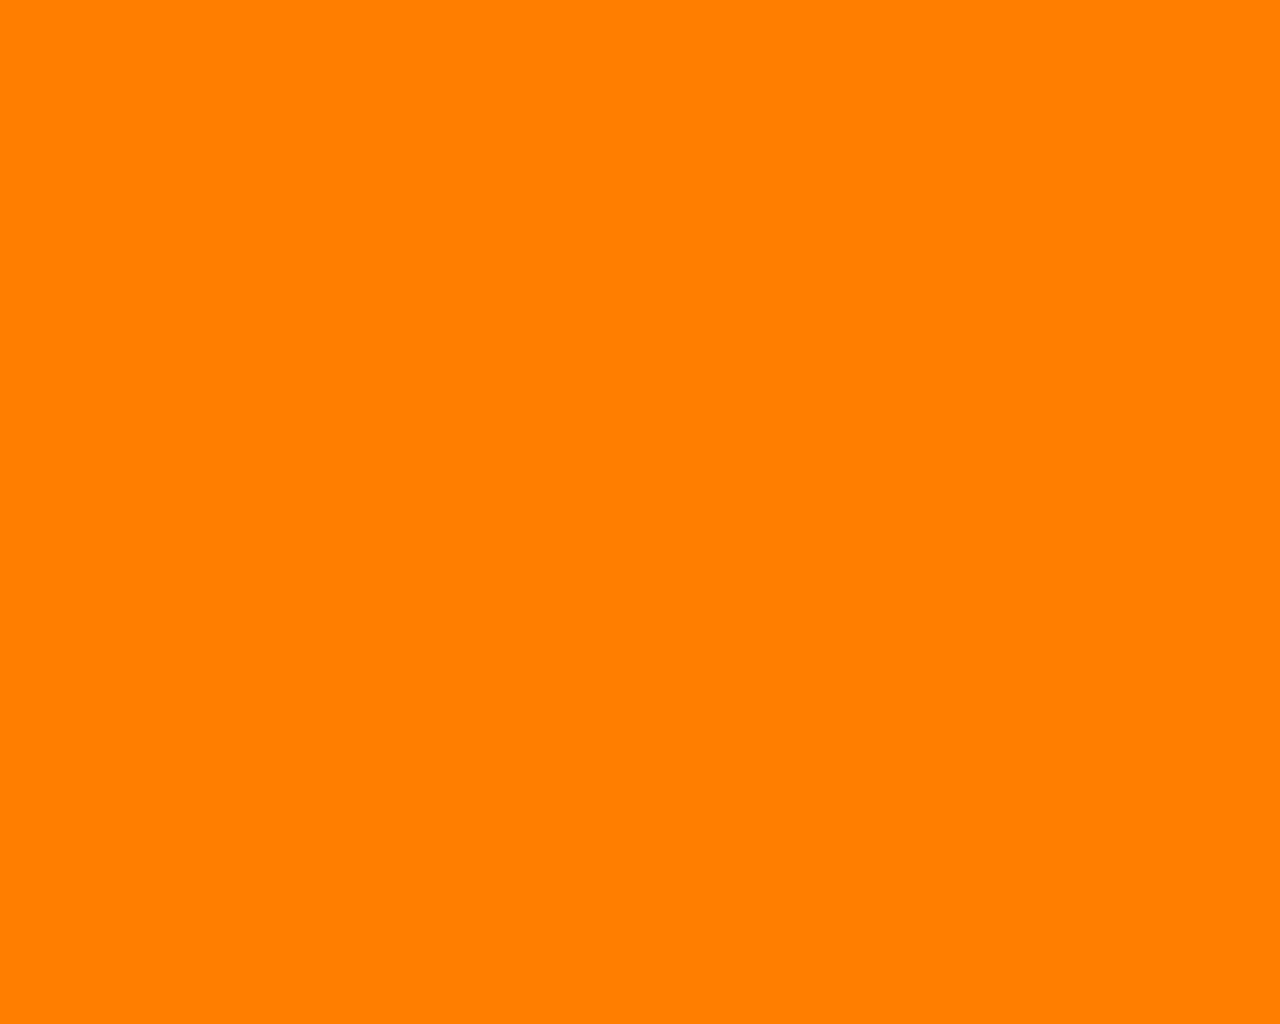 1280x1024 Amber Orange Solid Color Background